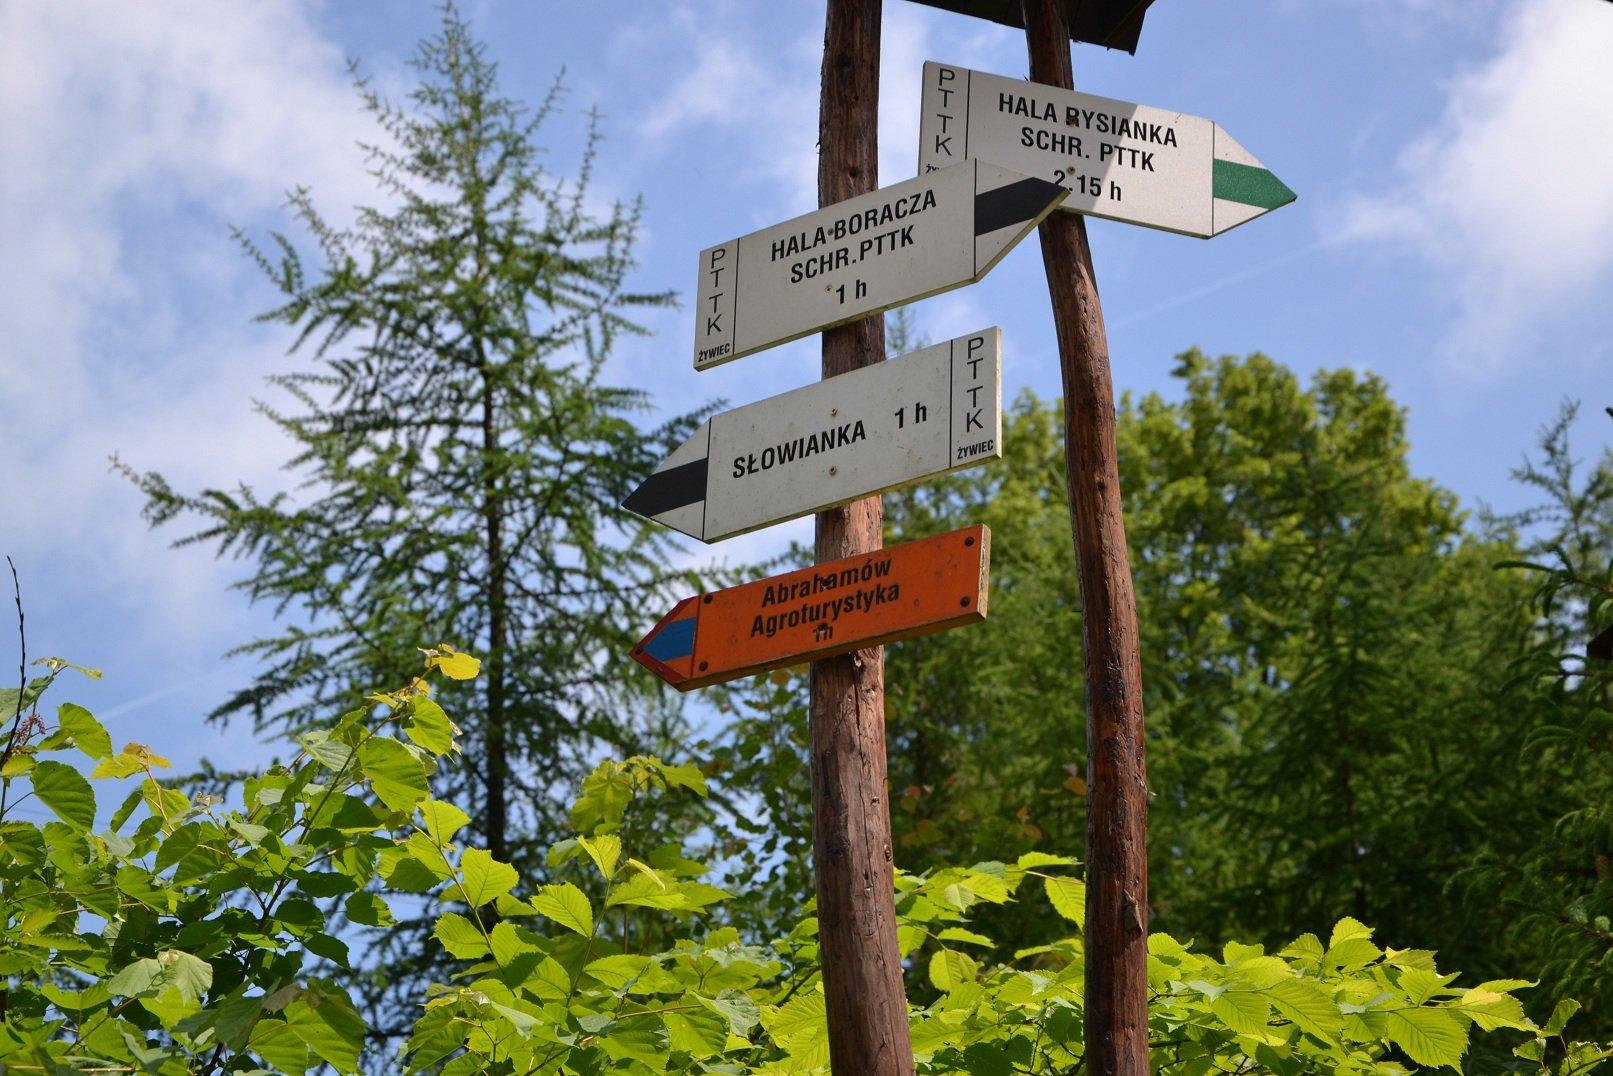 Szlak turystyczny - Żabnica Skałka - Hala Boracza